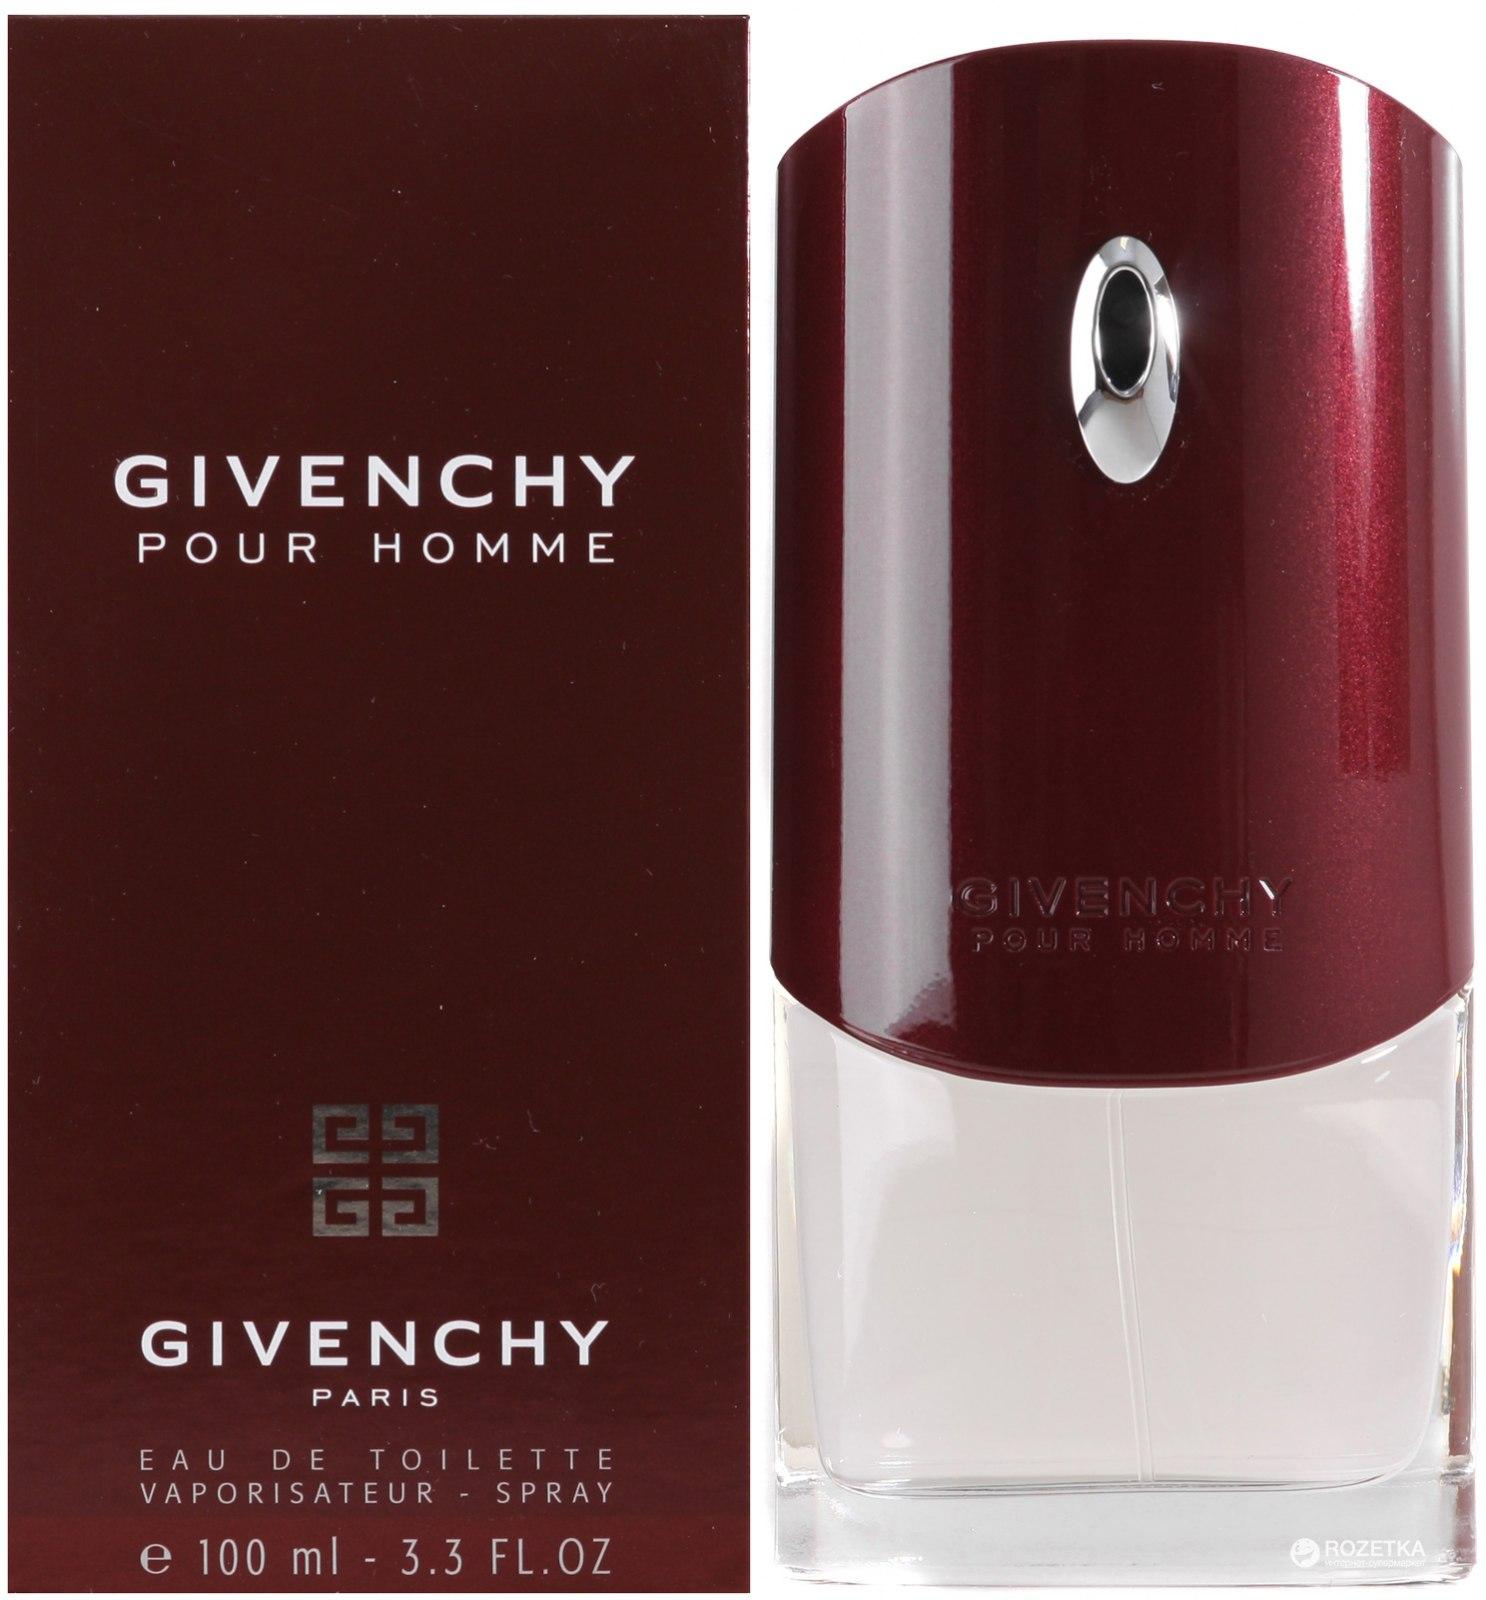 Givenchy Pour Homme мужской купить в украине описание распив